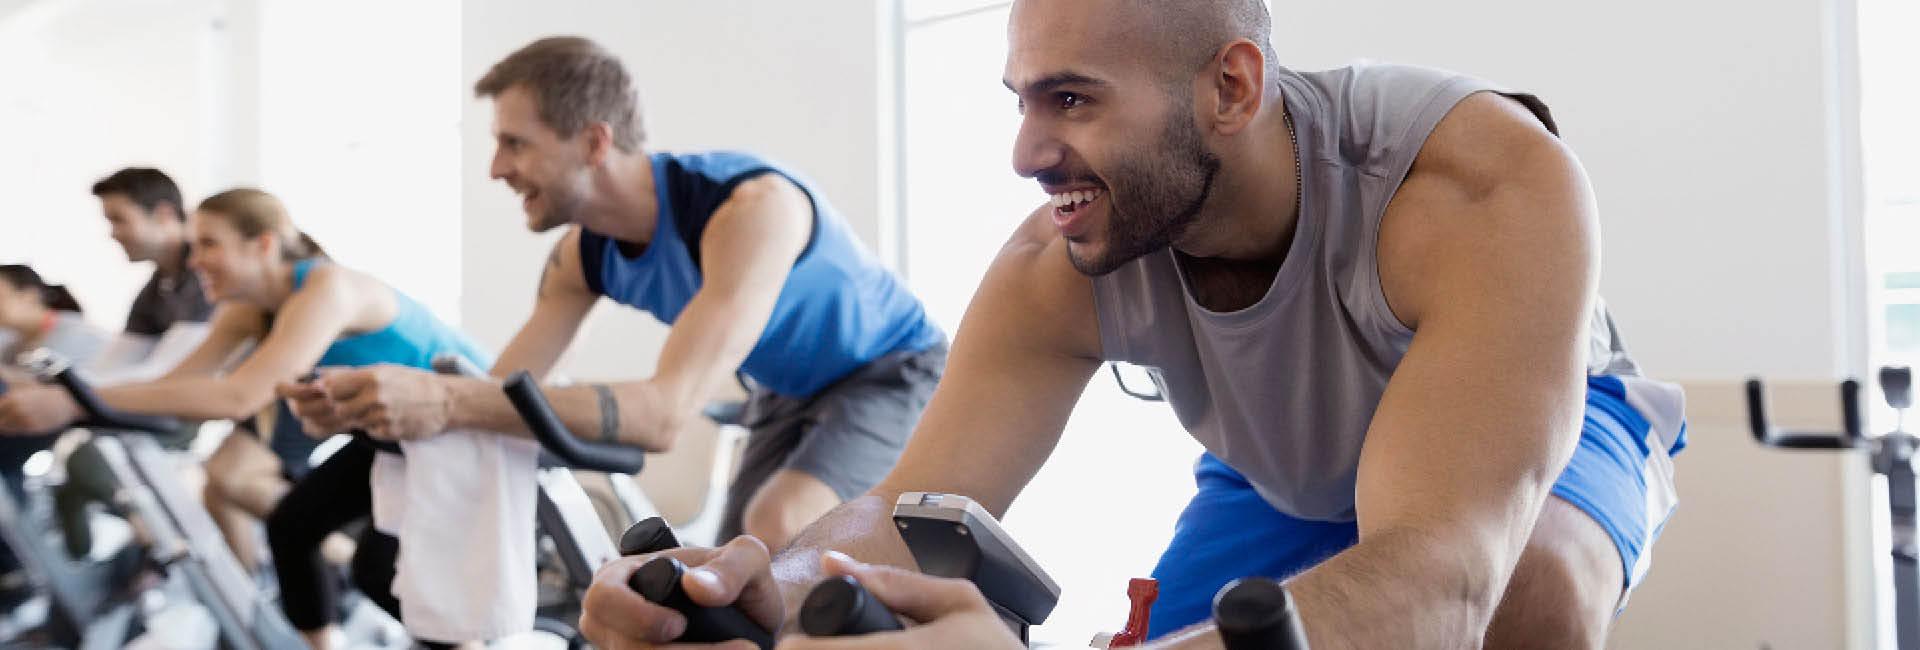 Make us your home gym